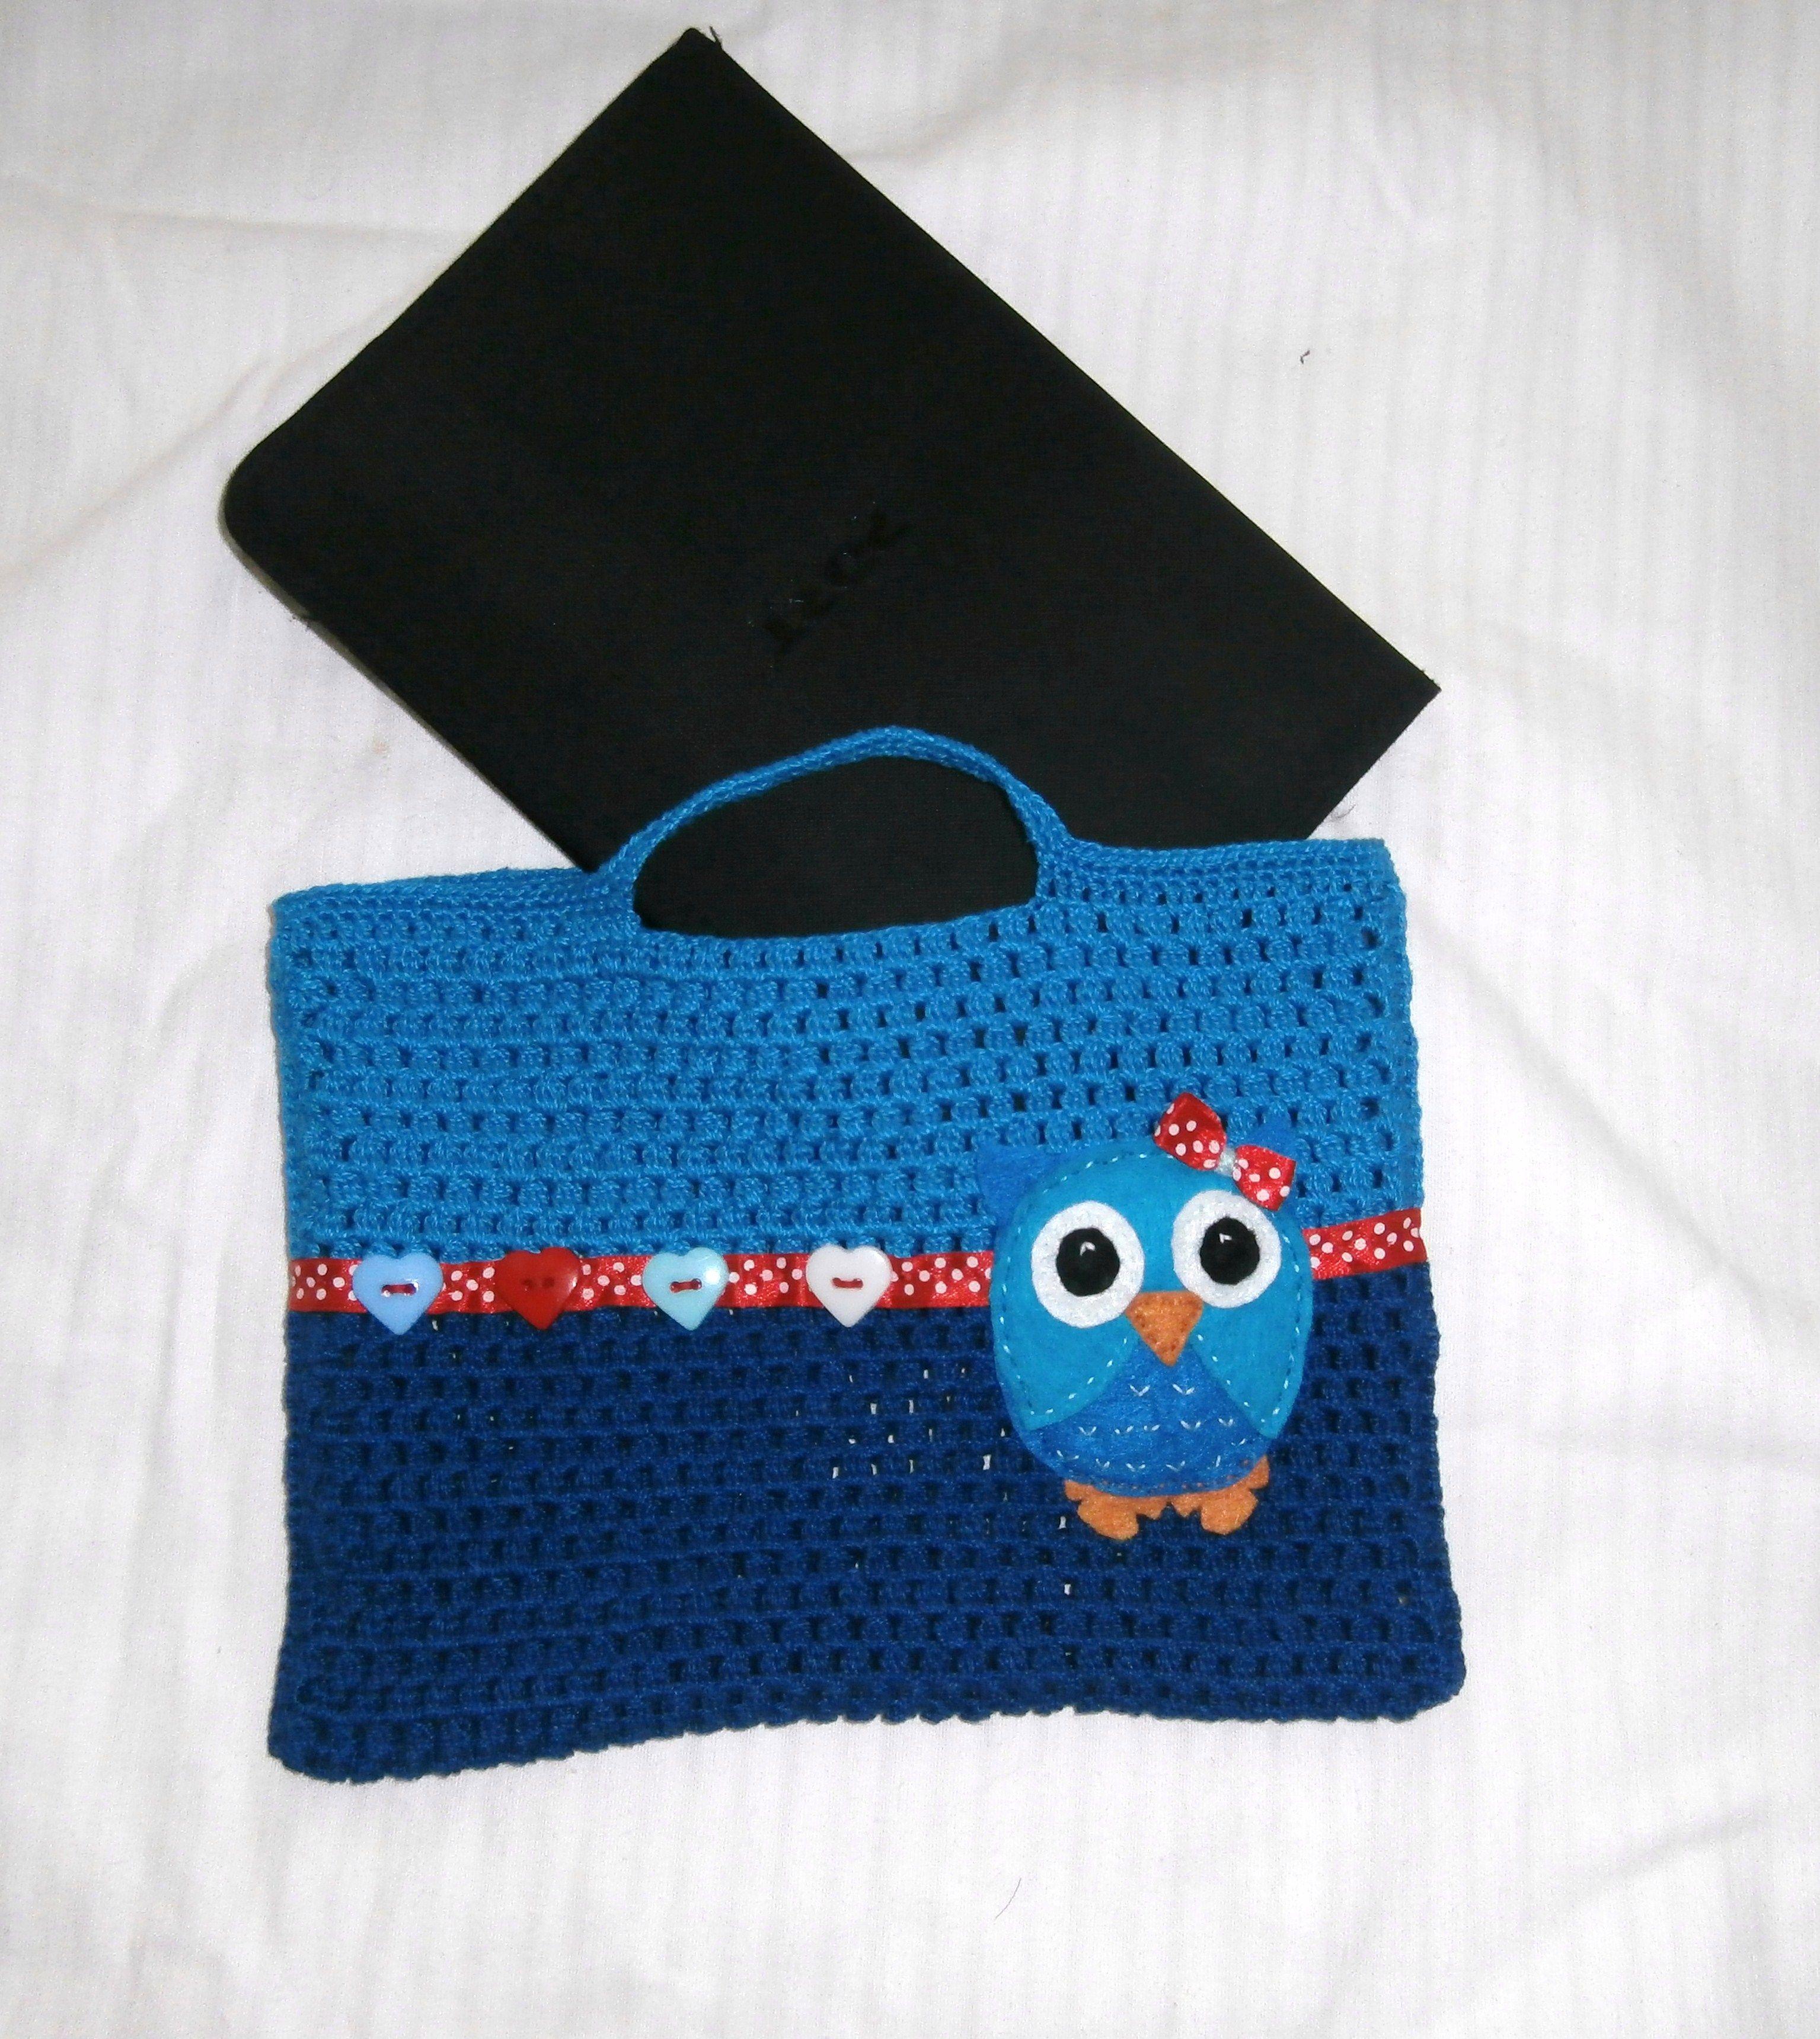 Funda para transportar la tablet a crochet crochet - Fundas para bolsos ...